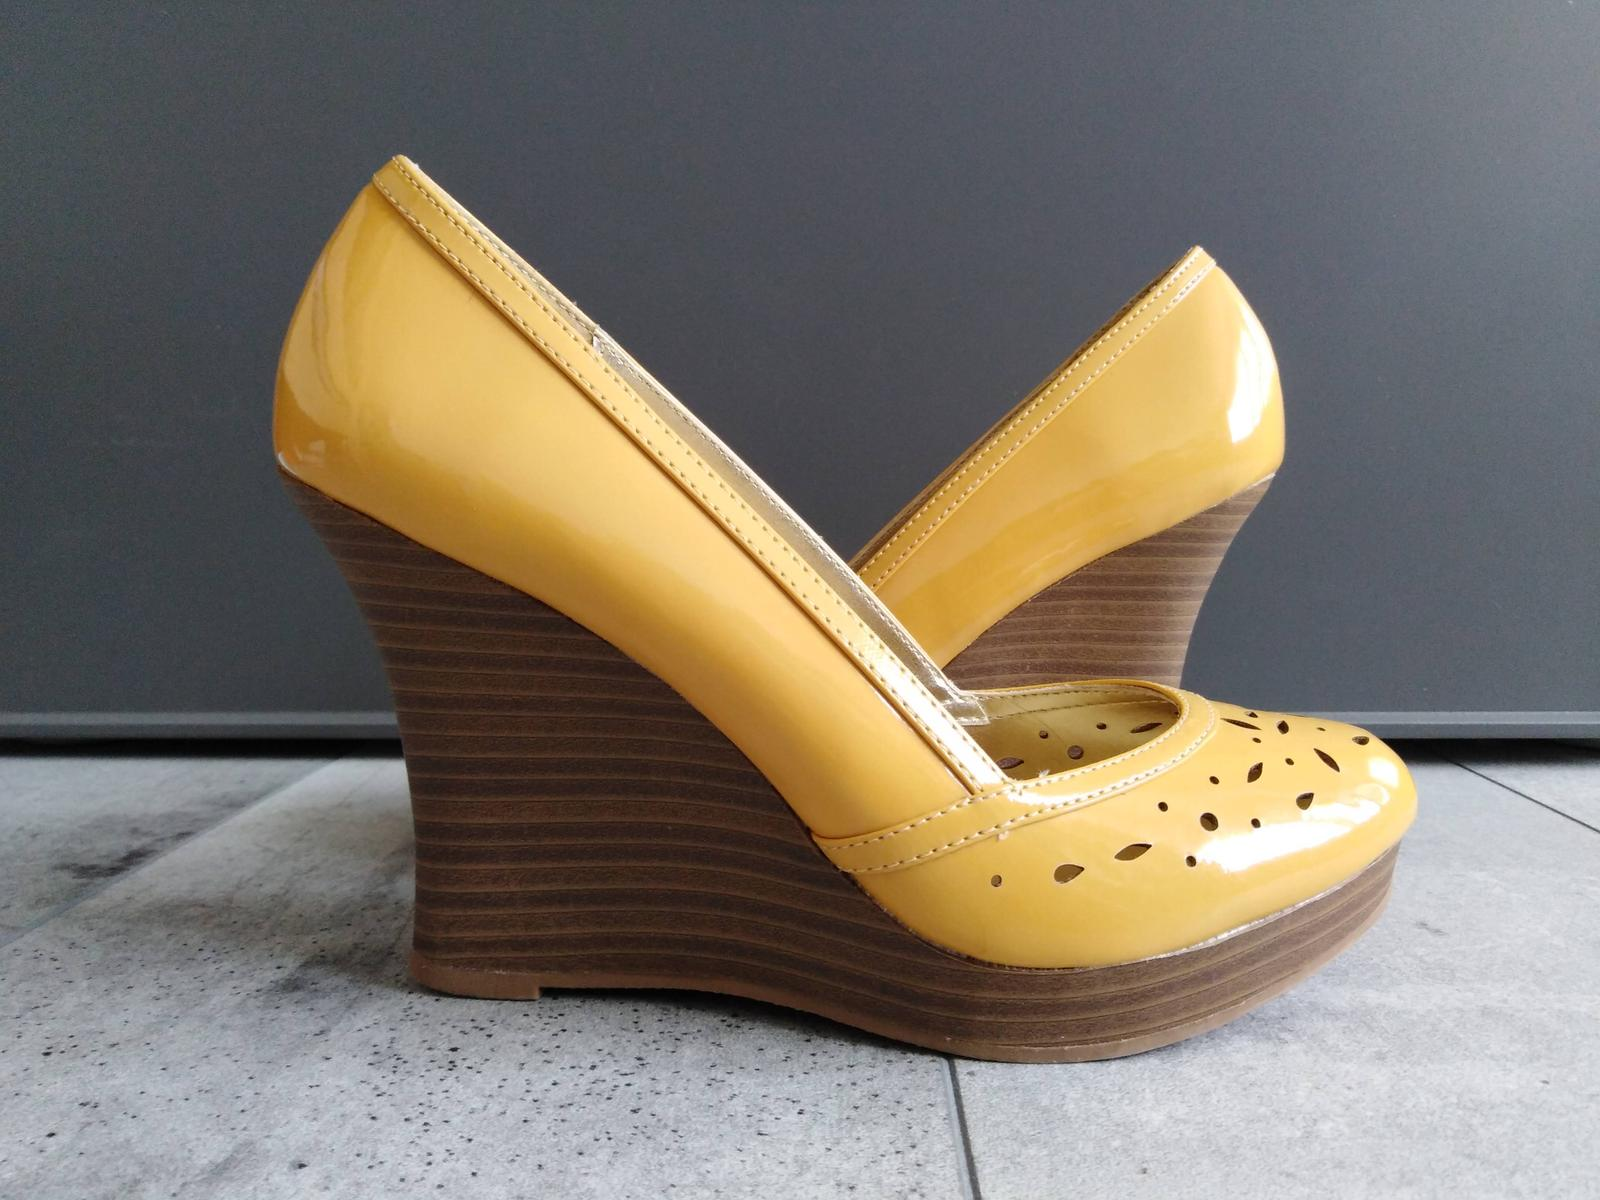 SKLADEM - žluté boty na klínku - Obrázek č. 1